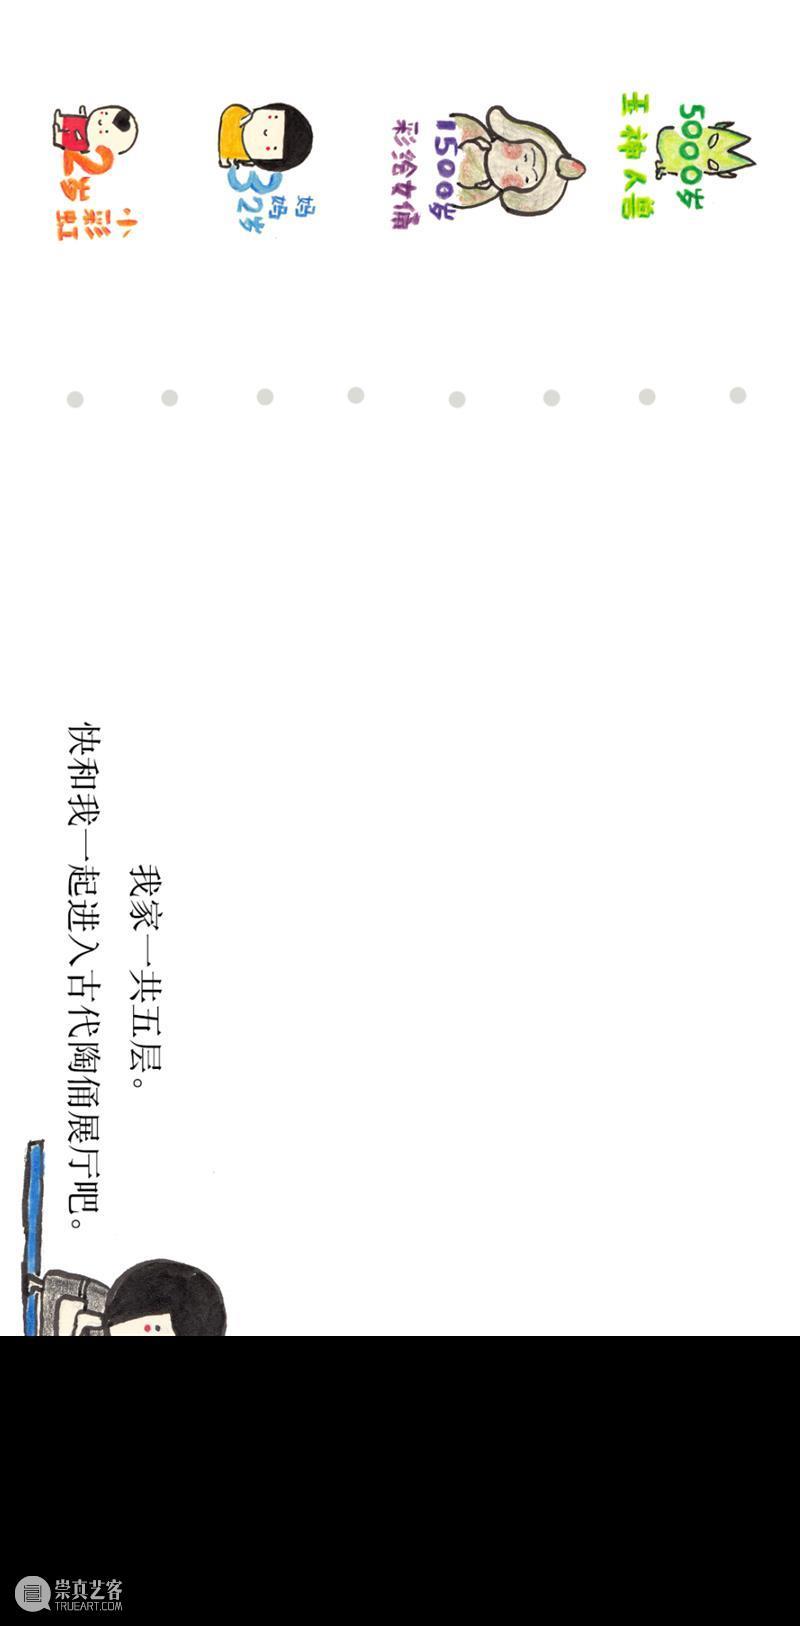 AM 剧场   观展礼仪小故事 第二集 剧场 礼仪 故事 手机 陶俑 姐姐 周小 肉铺 真身 彩绘 崇真艺客